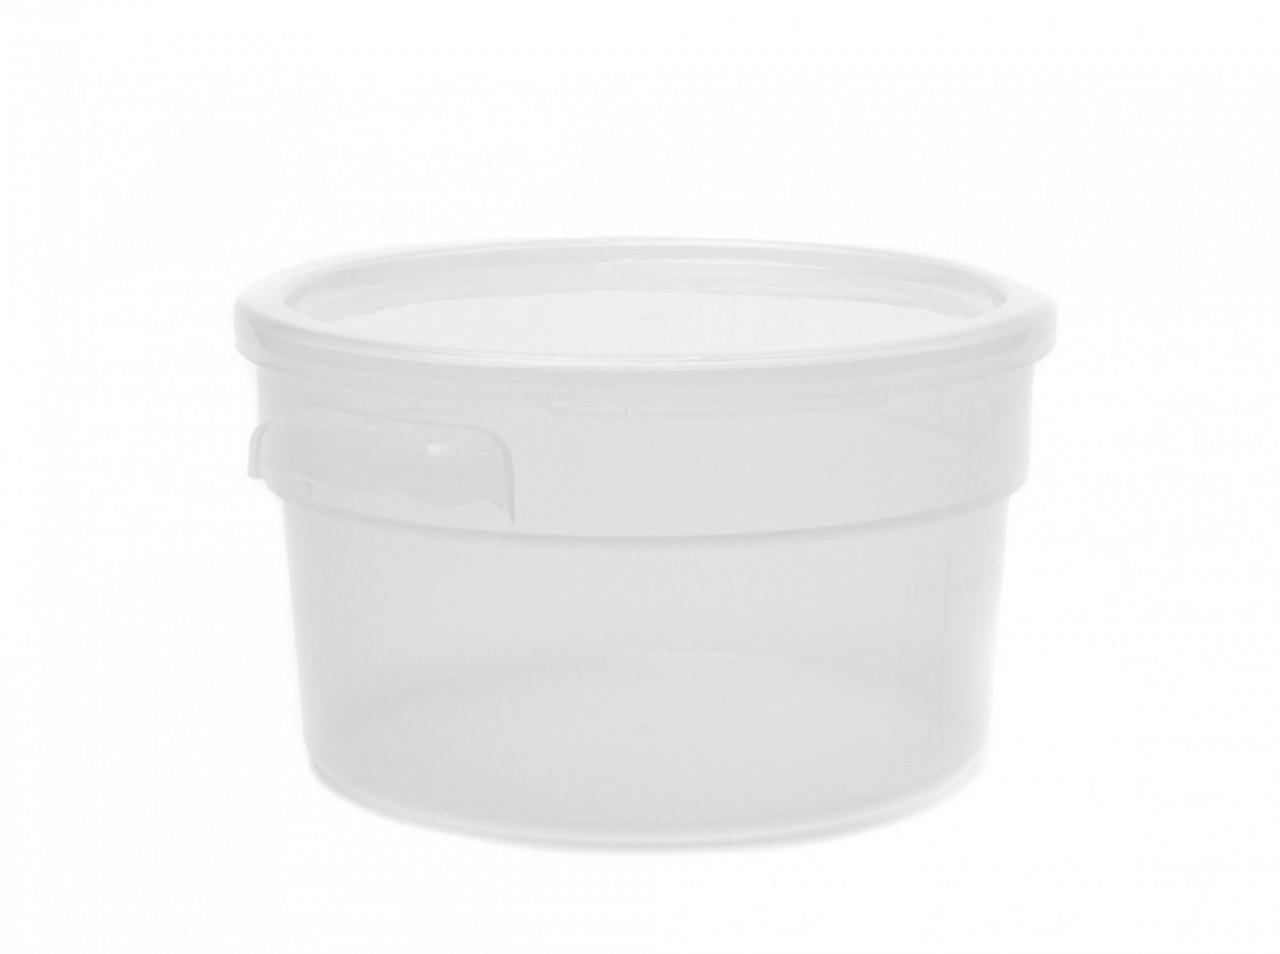 Контейнер круглый для хранения продуктов, полипропилен, прозрачный 1,89 л